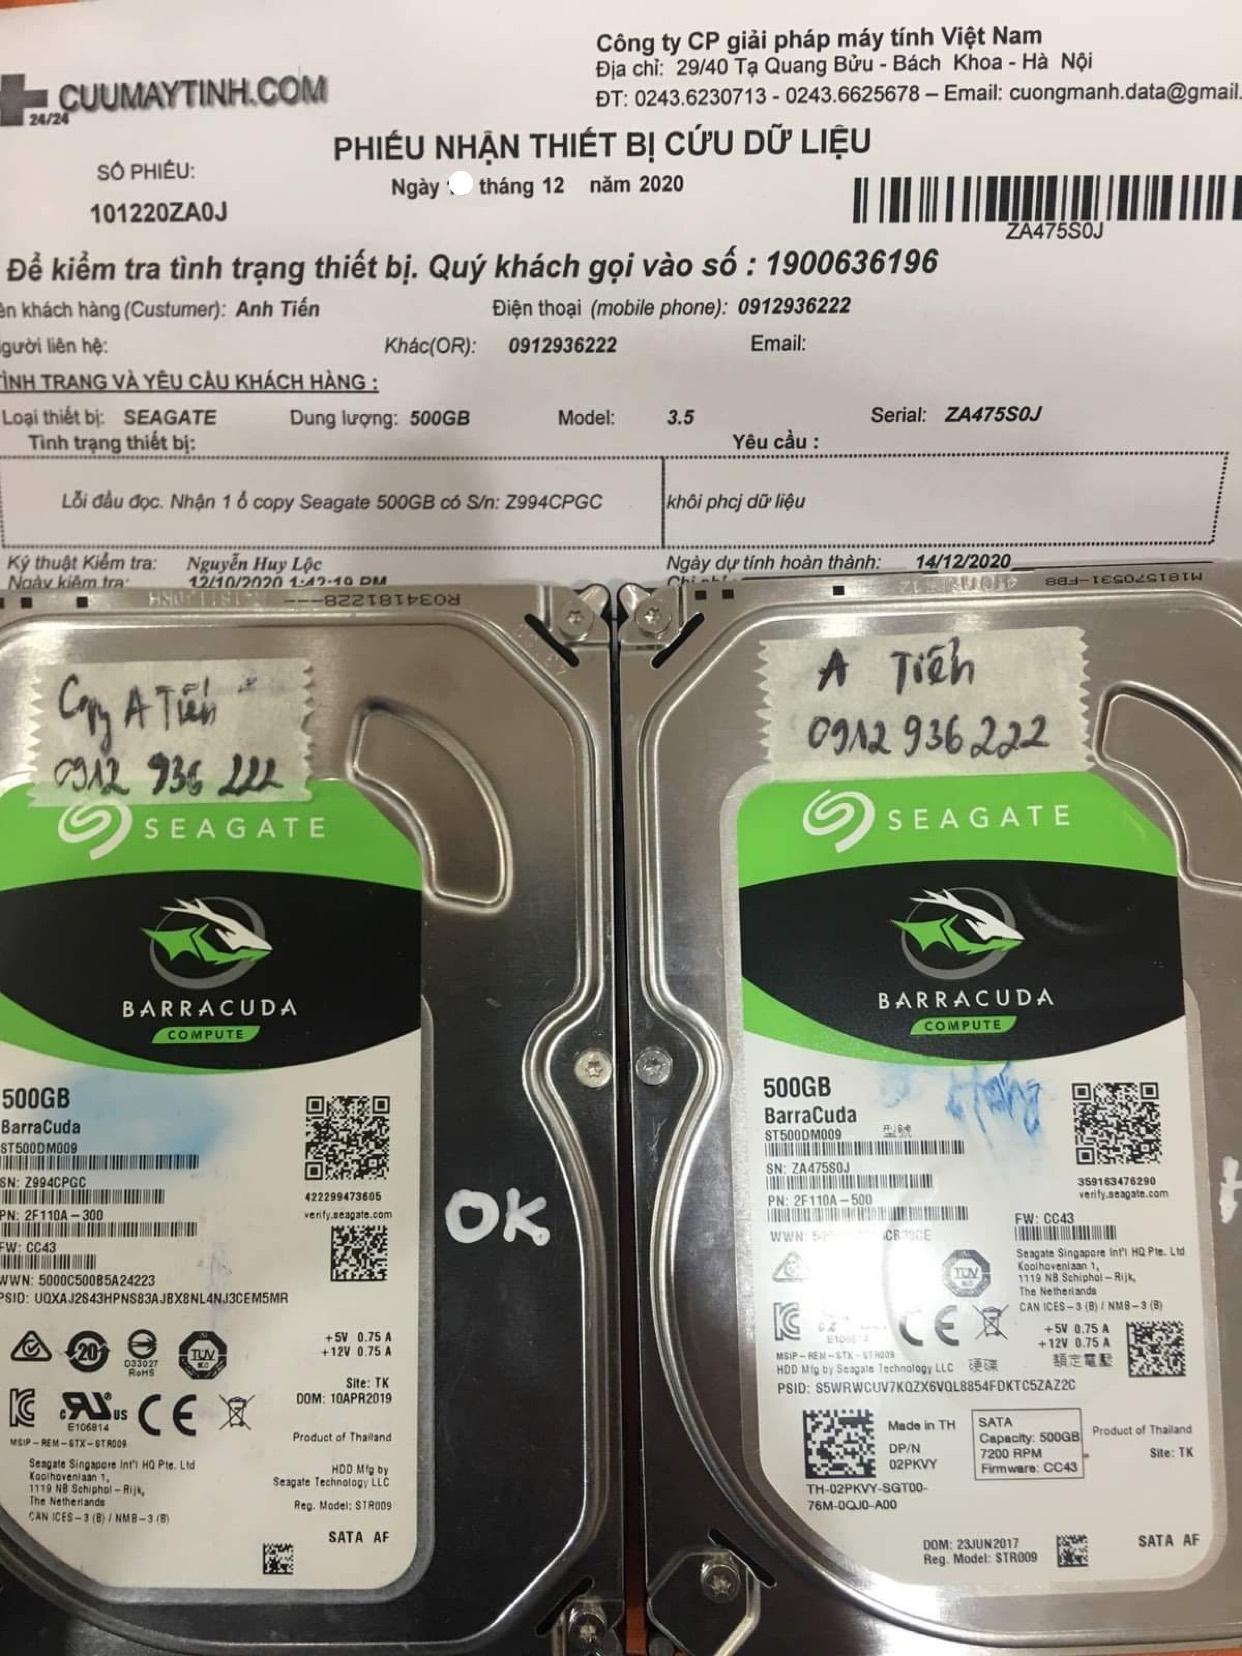 Phục hồi dữ liệu ổ cứng Seagate 500GB lỗi đầu đọc - 14/12/2020 - cuumaytinh